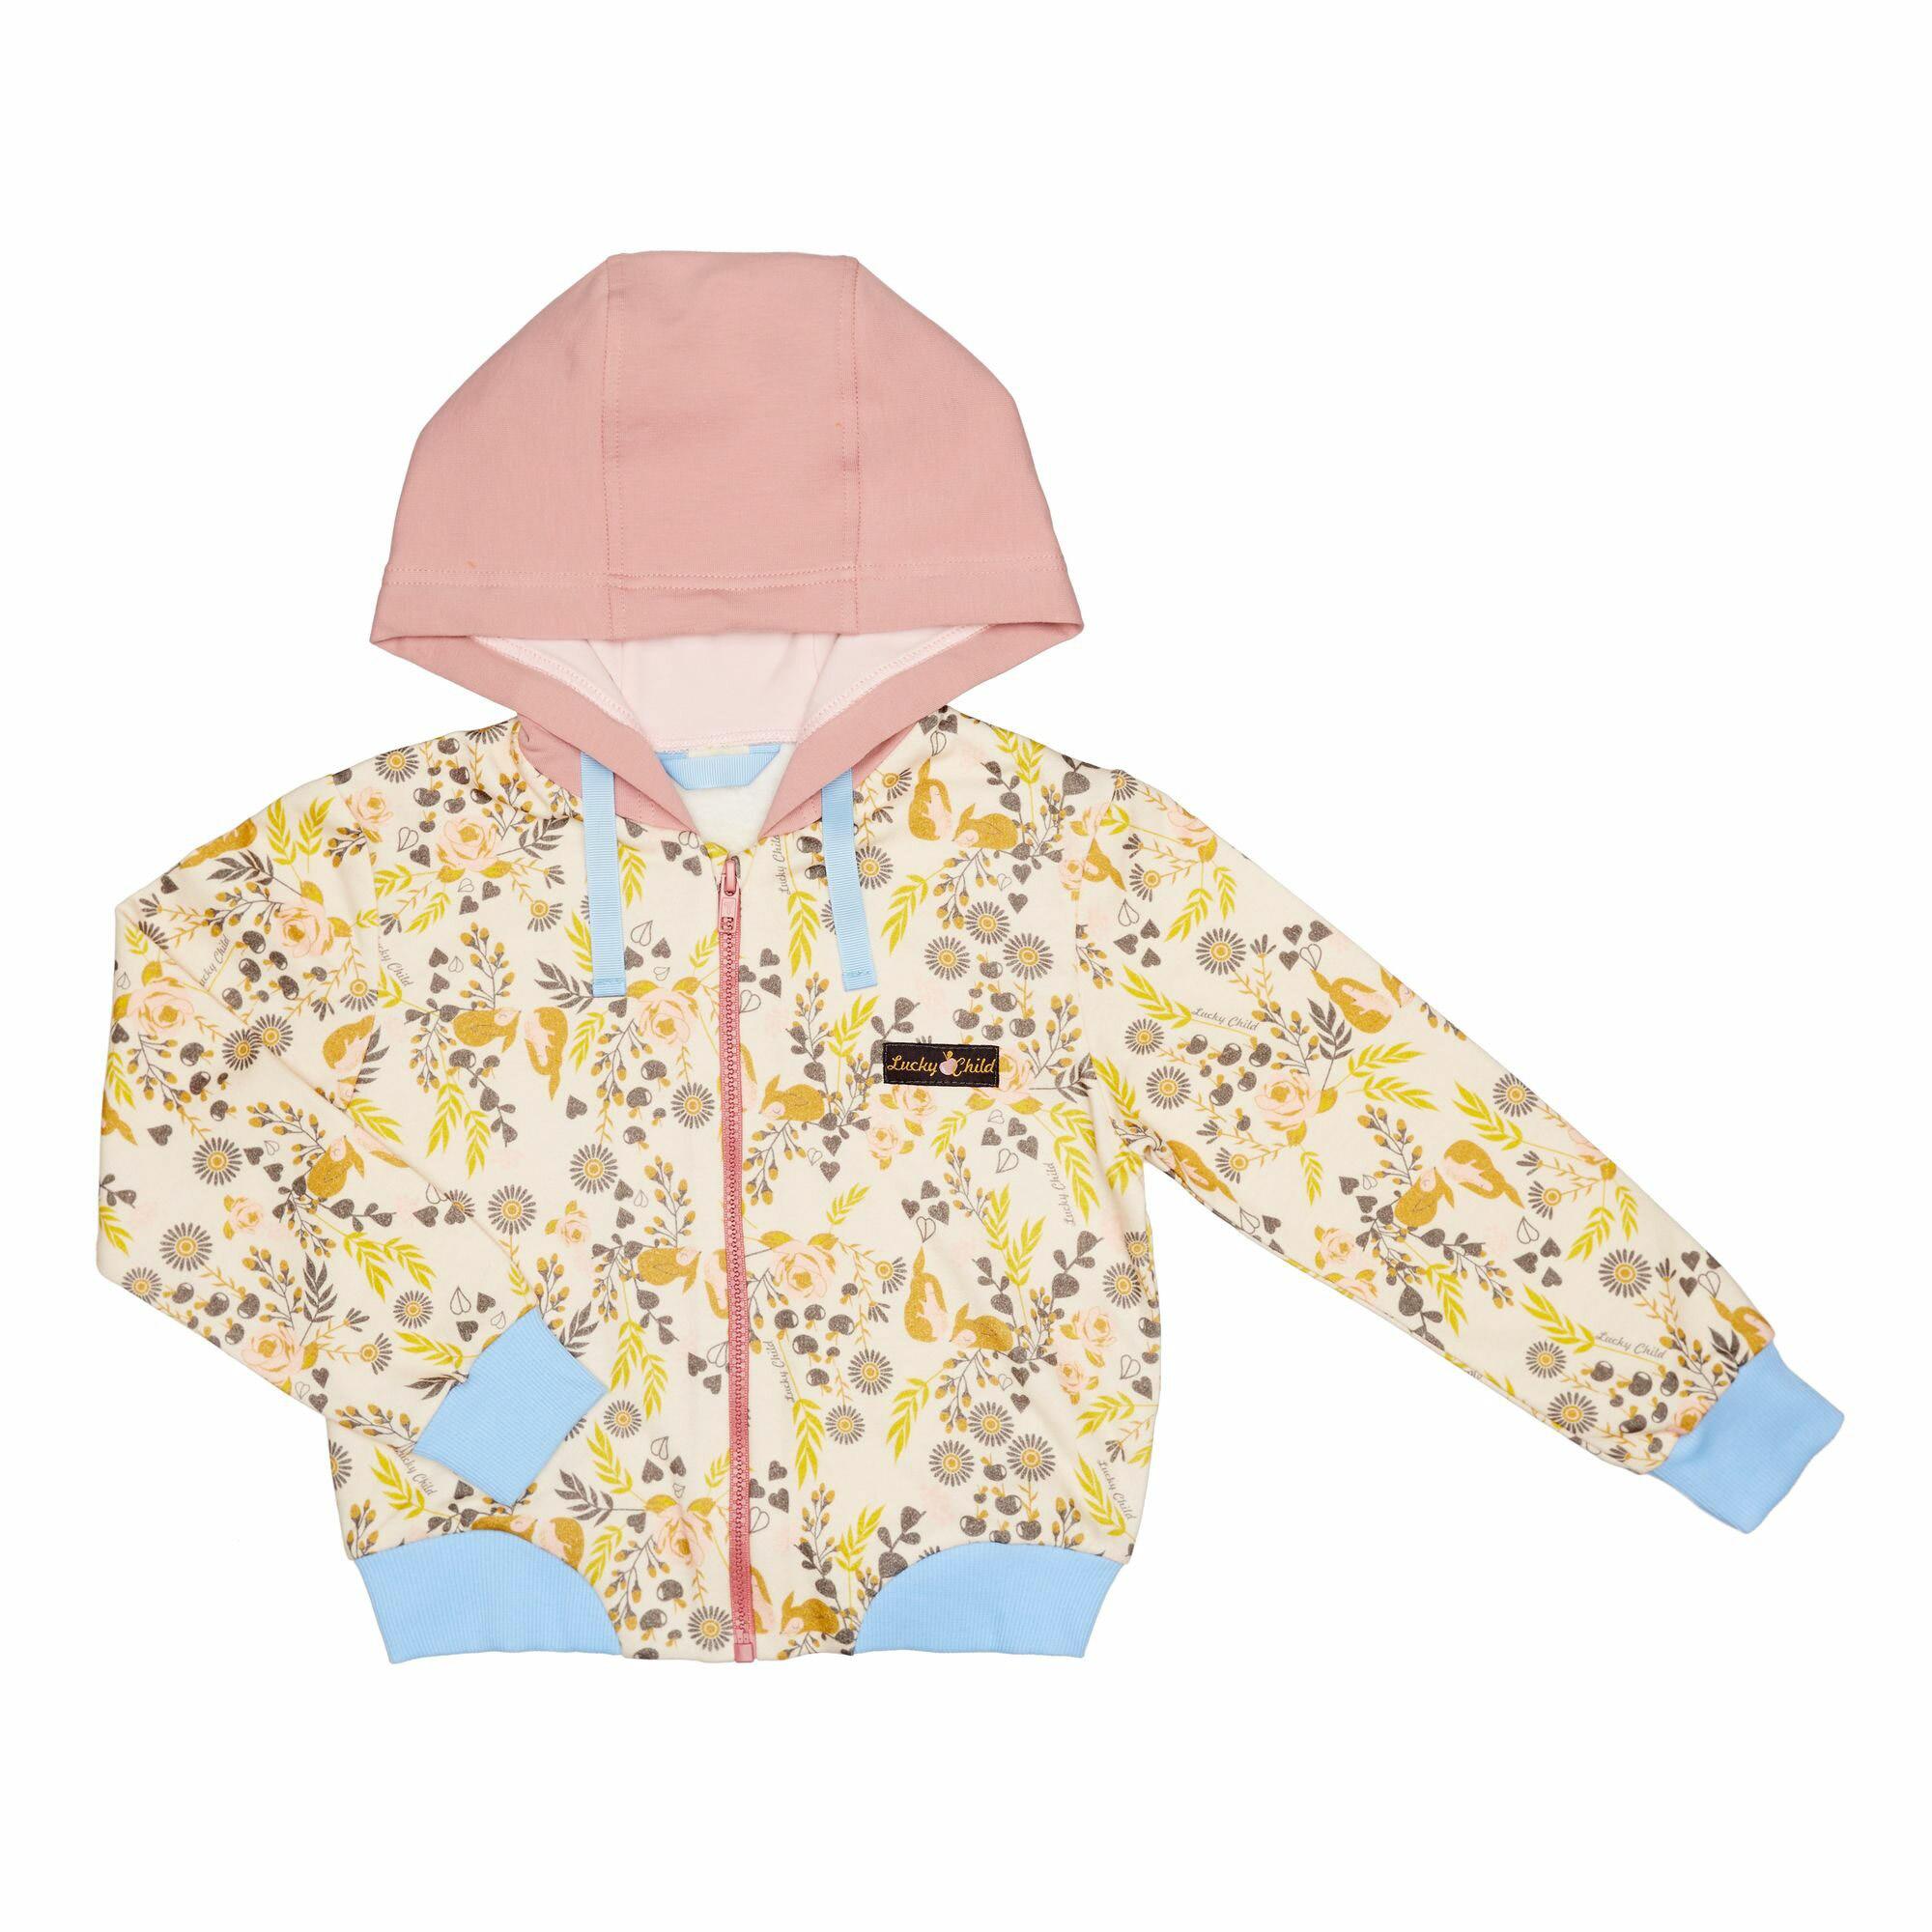 Куртка Lucky Child Осенний лес цветная 104-110, Разноцветный, Для девочек, Осень-Зима,  - купить со скидкой